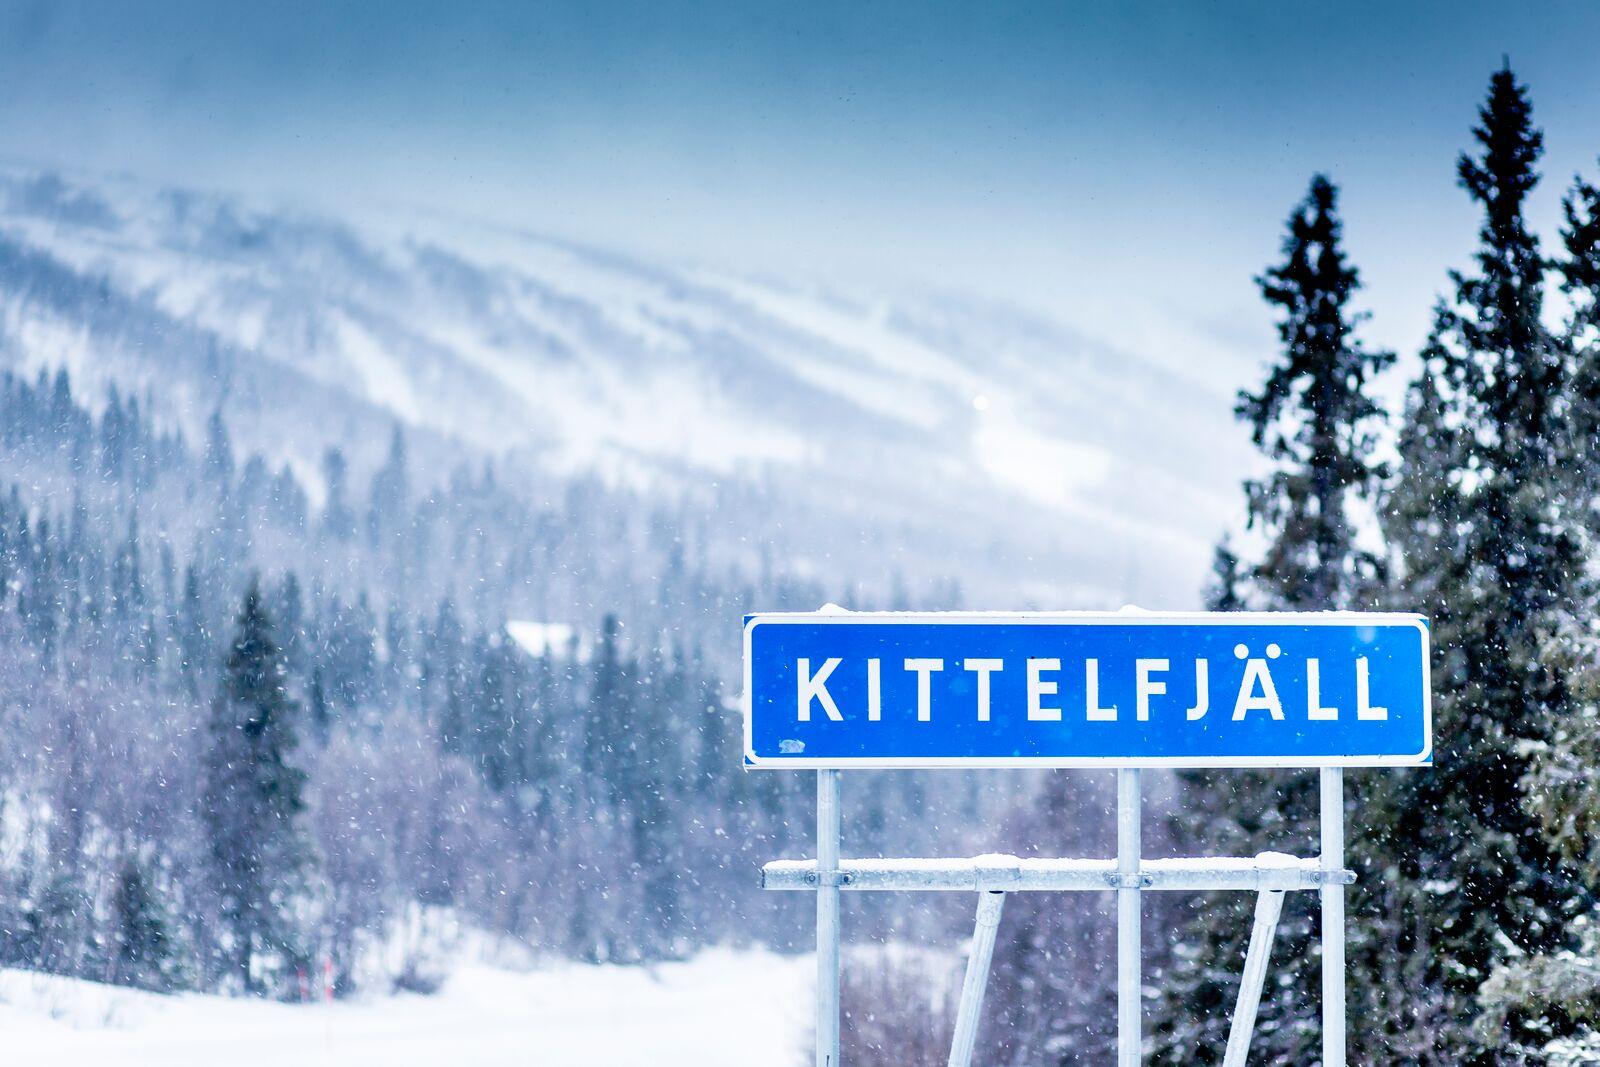 Kittelfjall_jan15-33_FullRes_CJUTSI.jpg